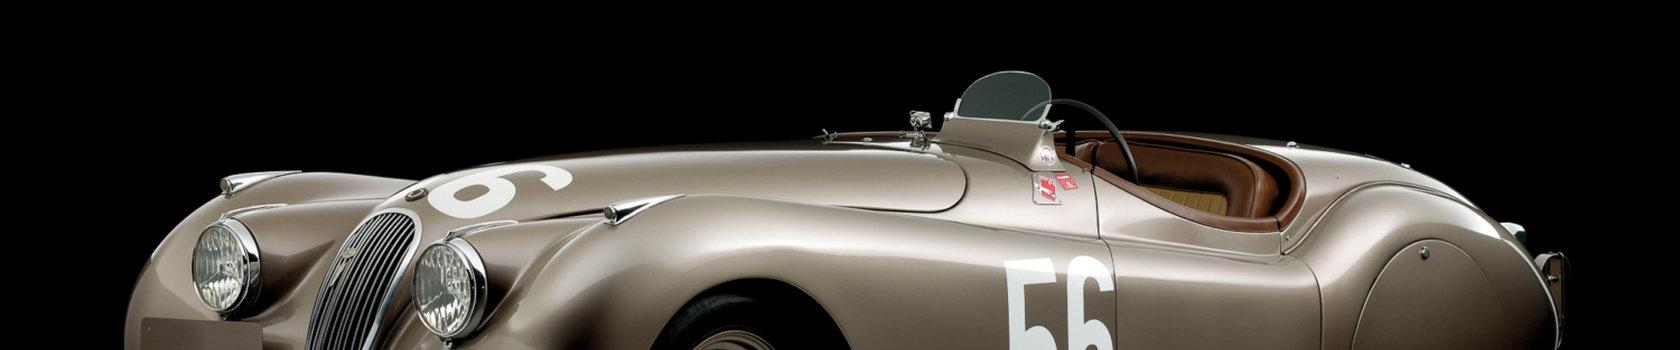 Jaguar Xk120 Alu 1949 Jpg 8215 Web 1500X1079